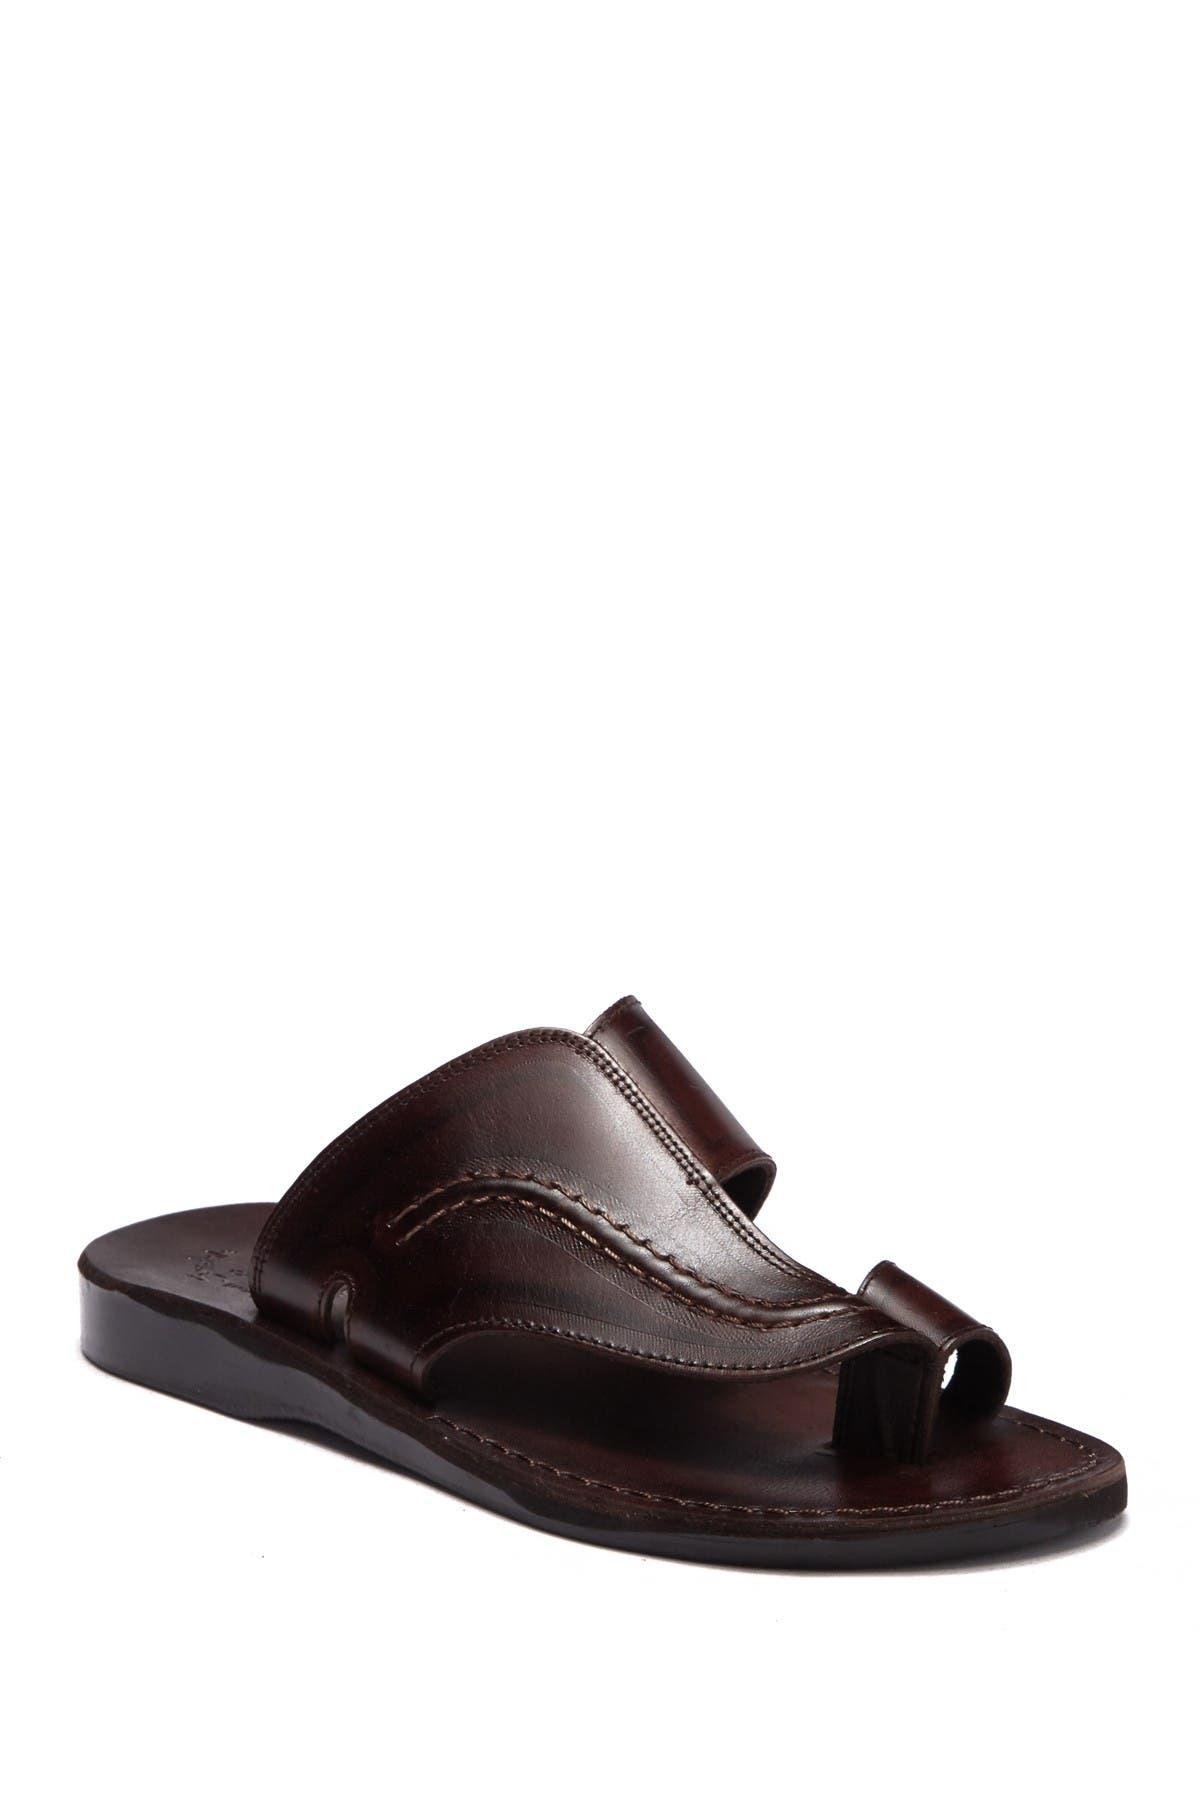 Image of Jerusalem Sandals Peter Leather Sandal